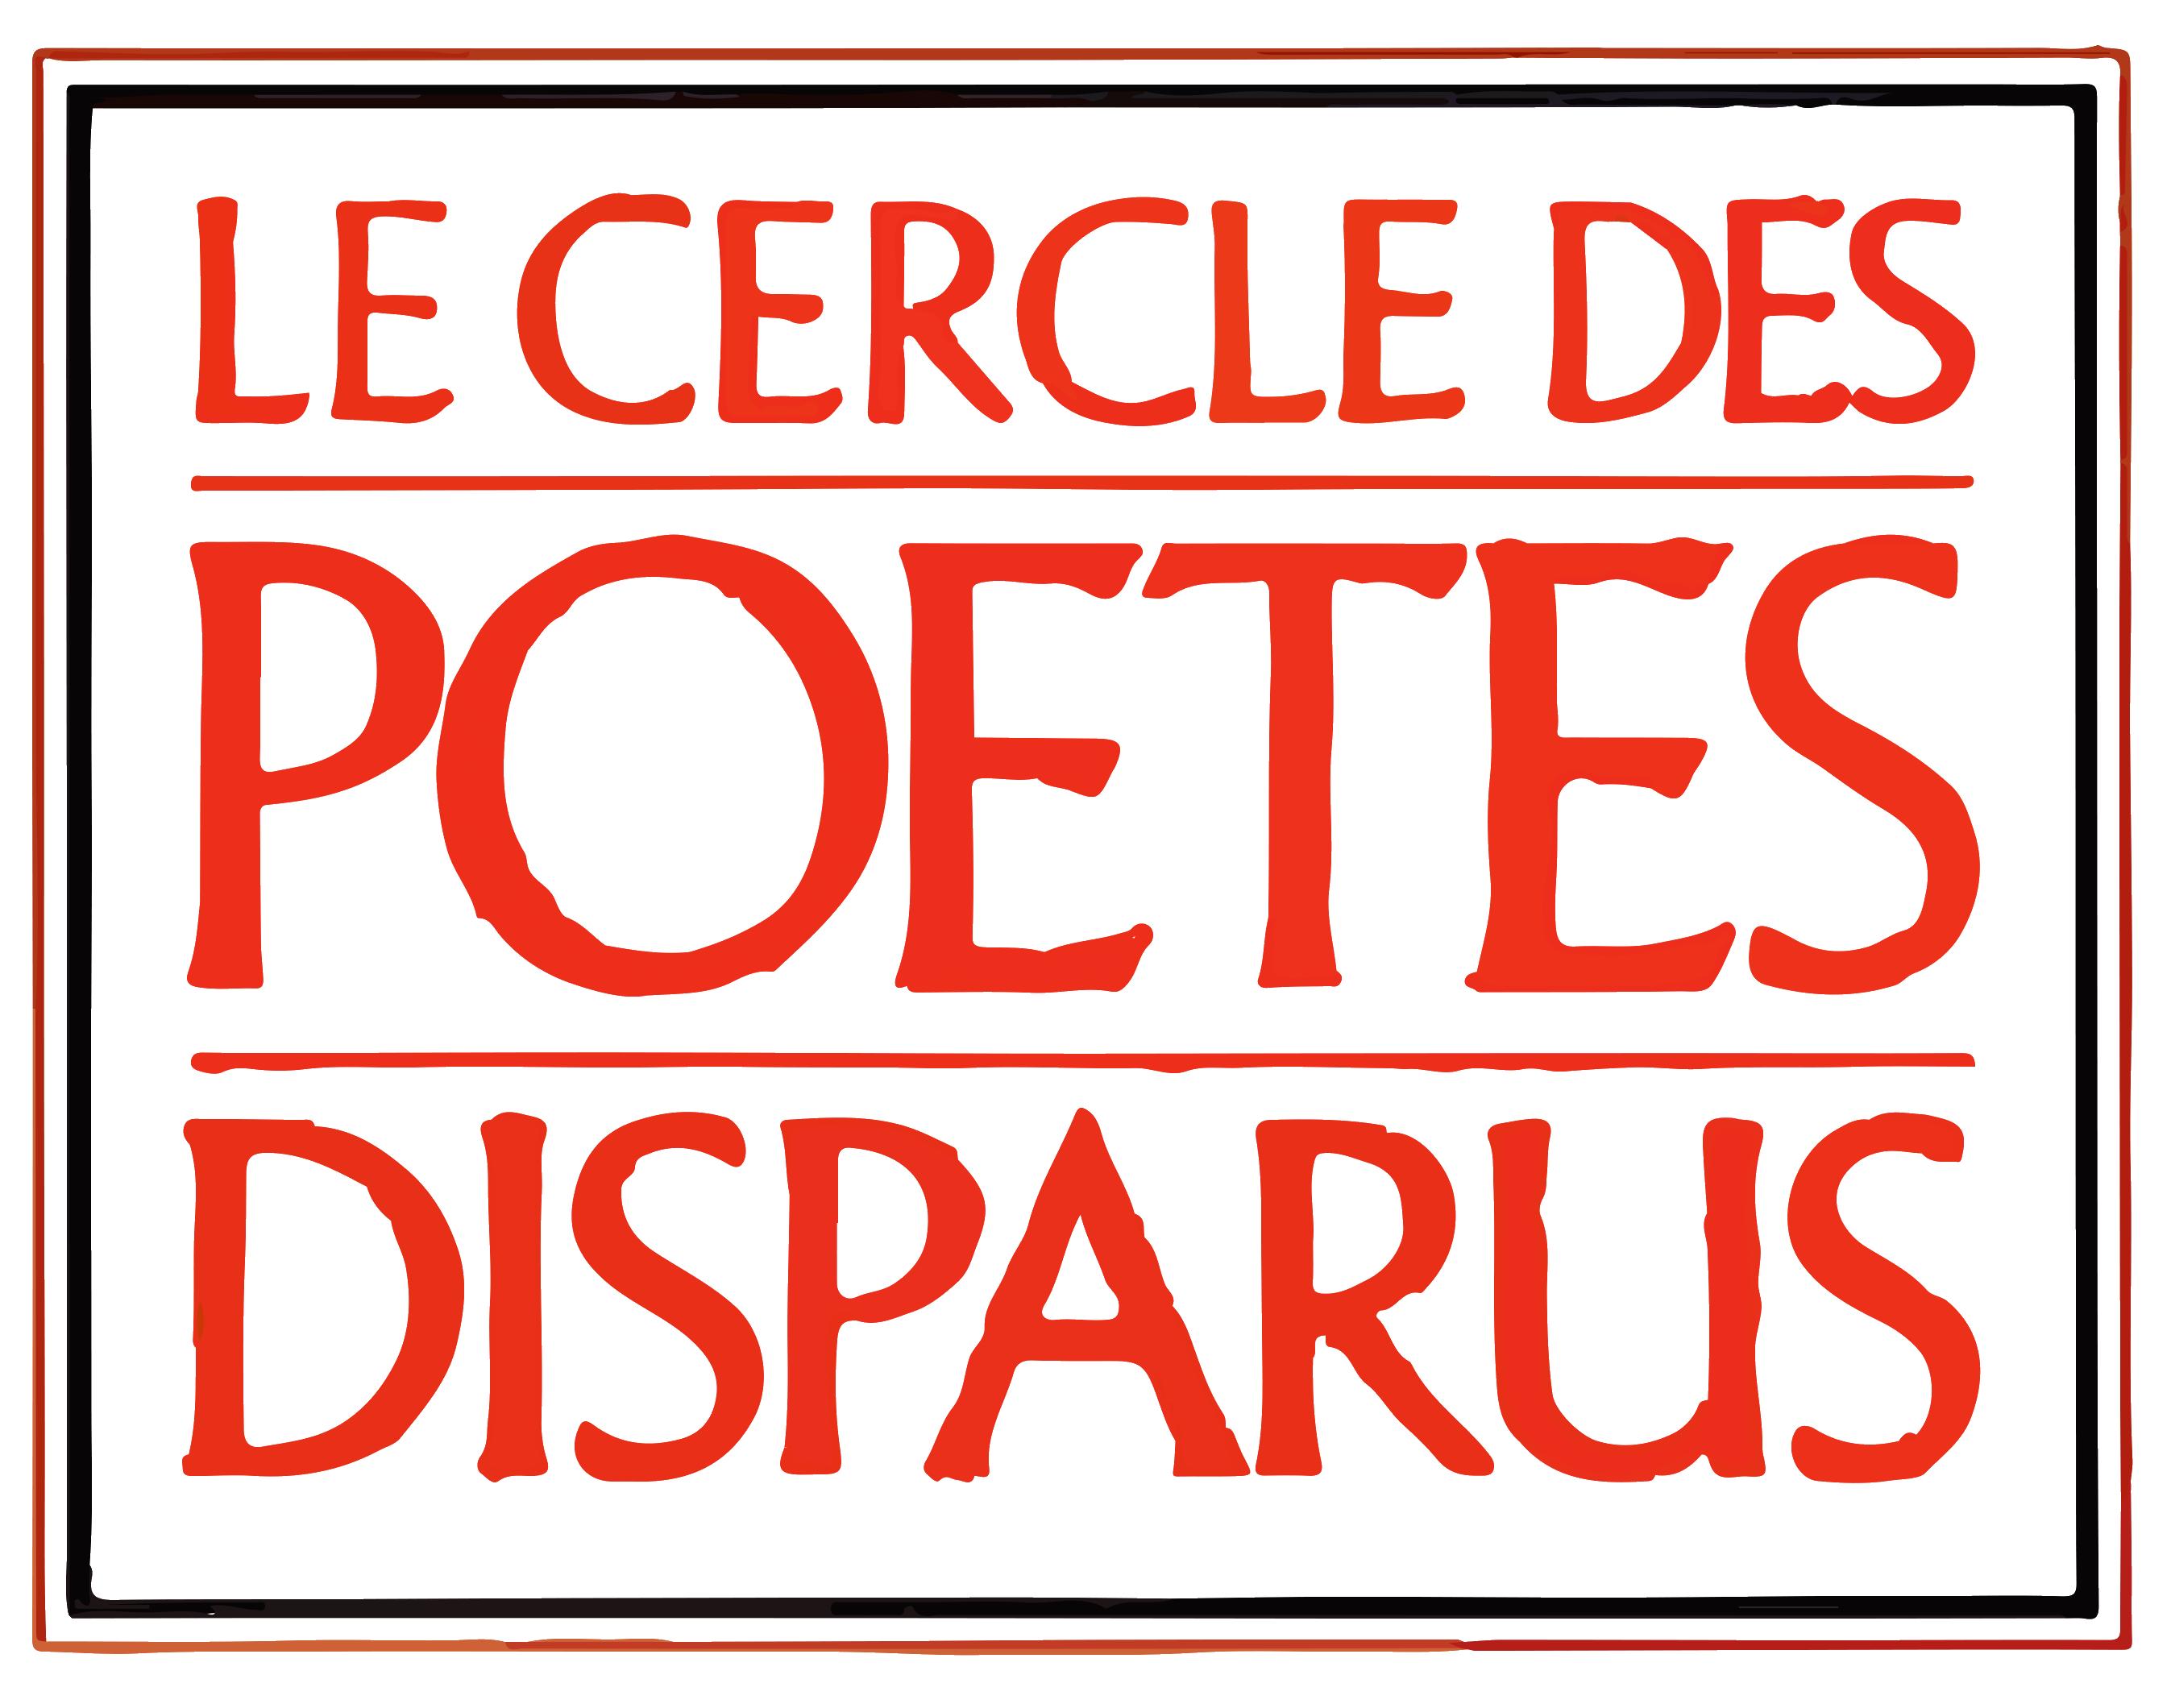 Le Cercle des poètes disparus — Wikipédia